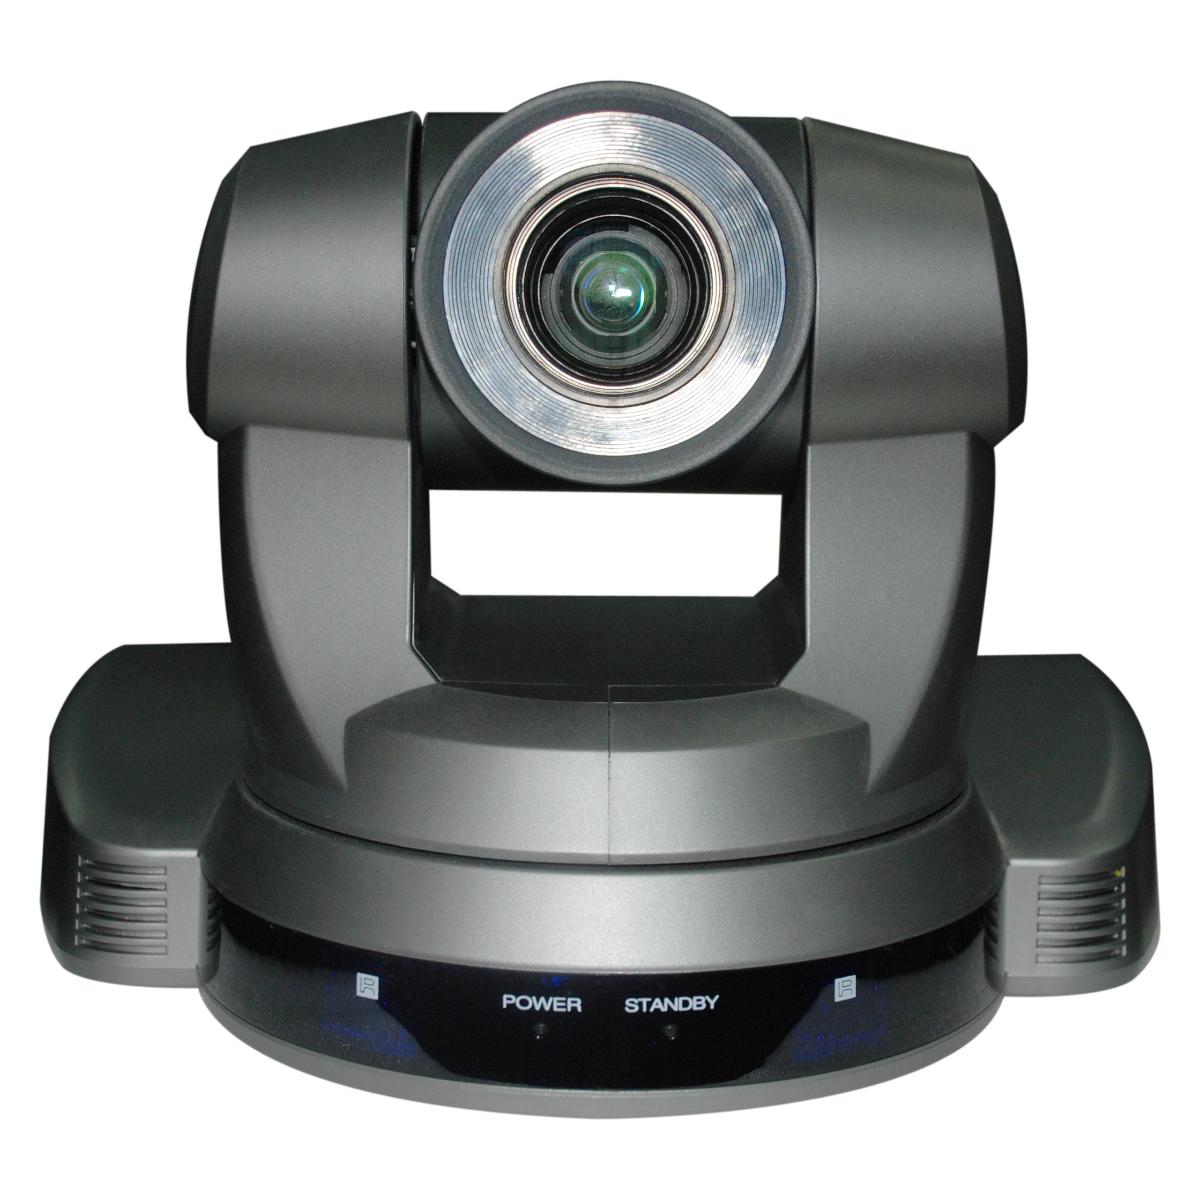 托顿TDEV05 自动跟踪视像系统 高清云台摄像球(索尼机芯)